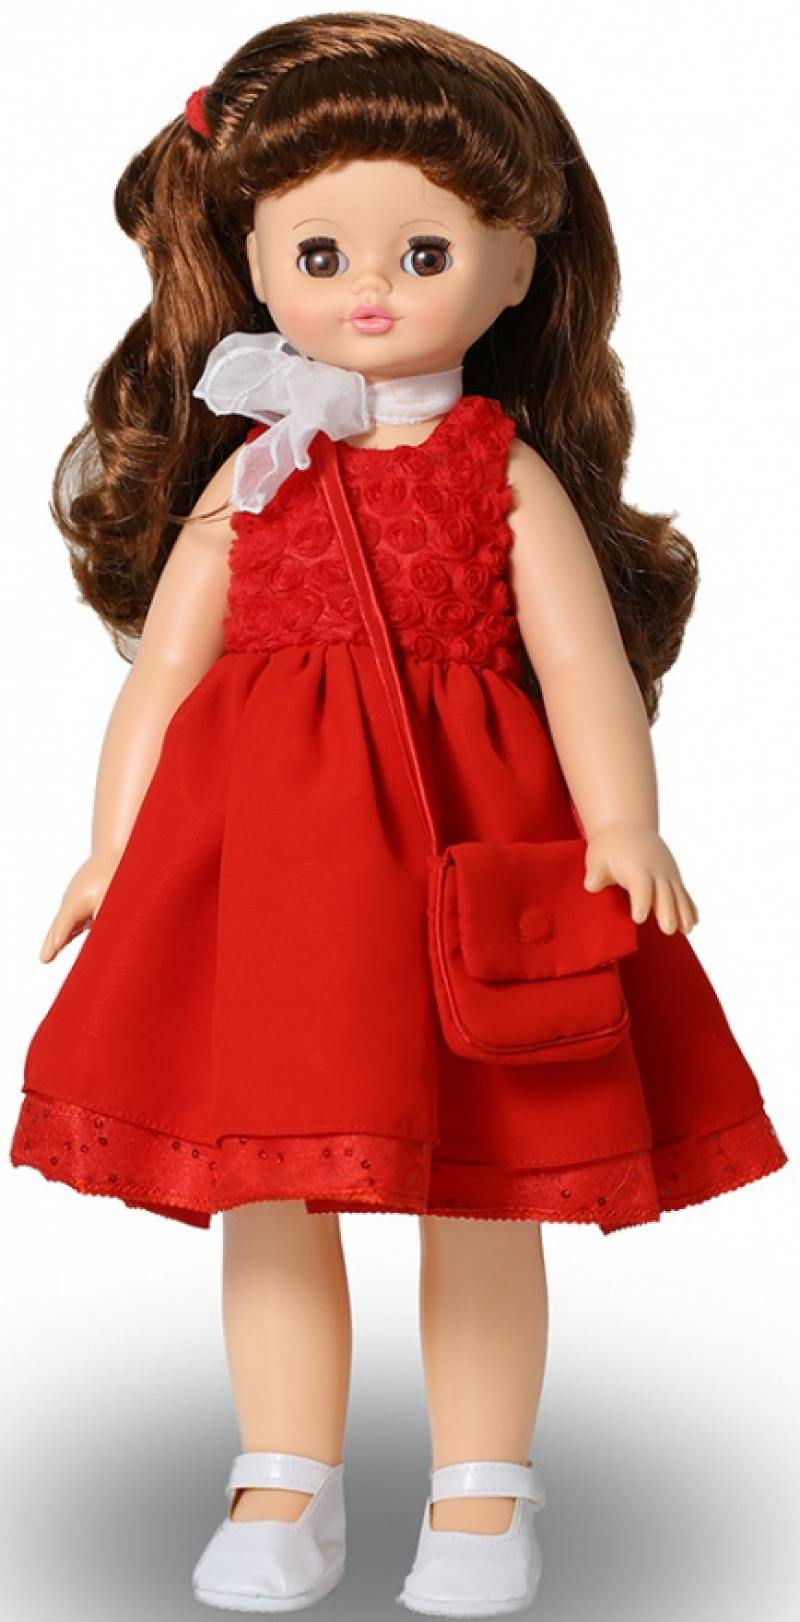 Кукла ВЕСНА Алиса 19 (озвученная) В2950/о весна кукла алиса 11 озвученная